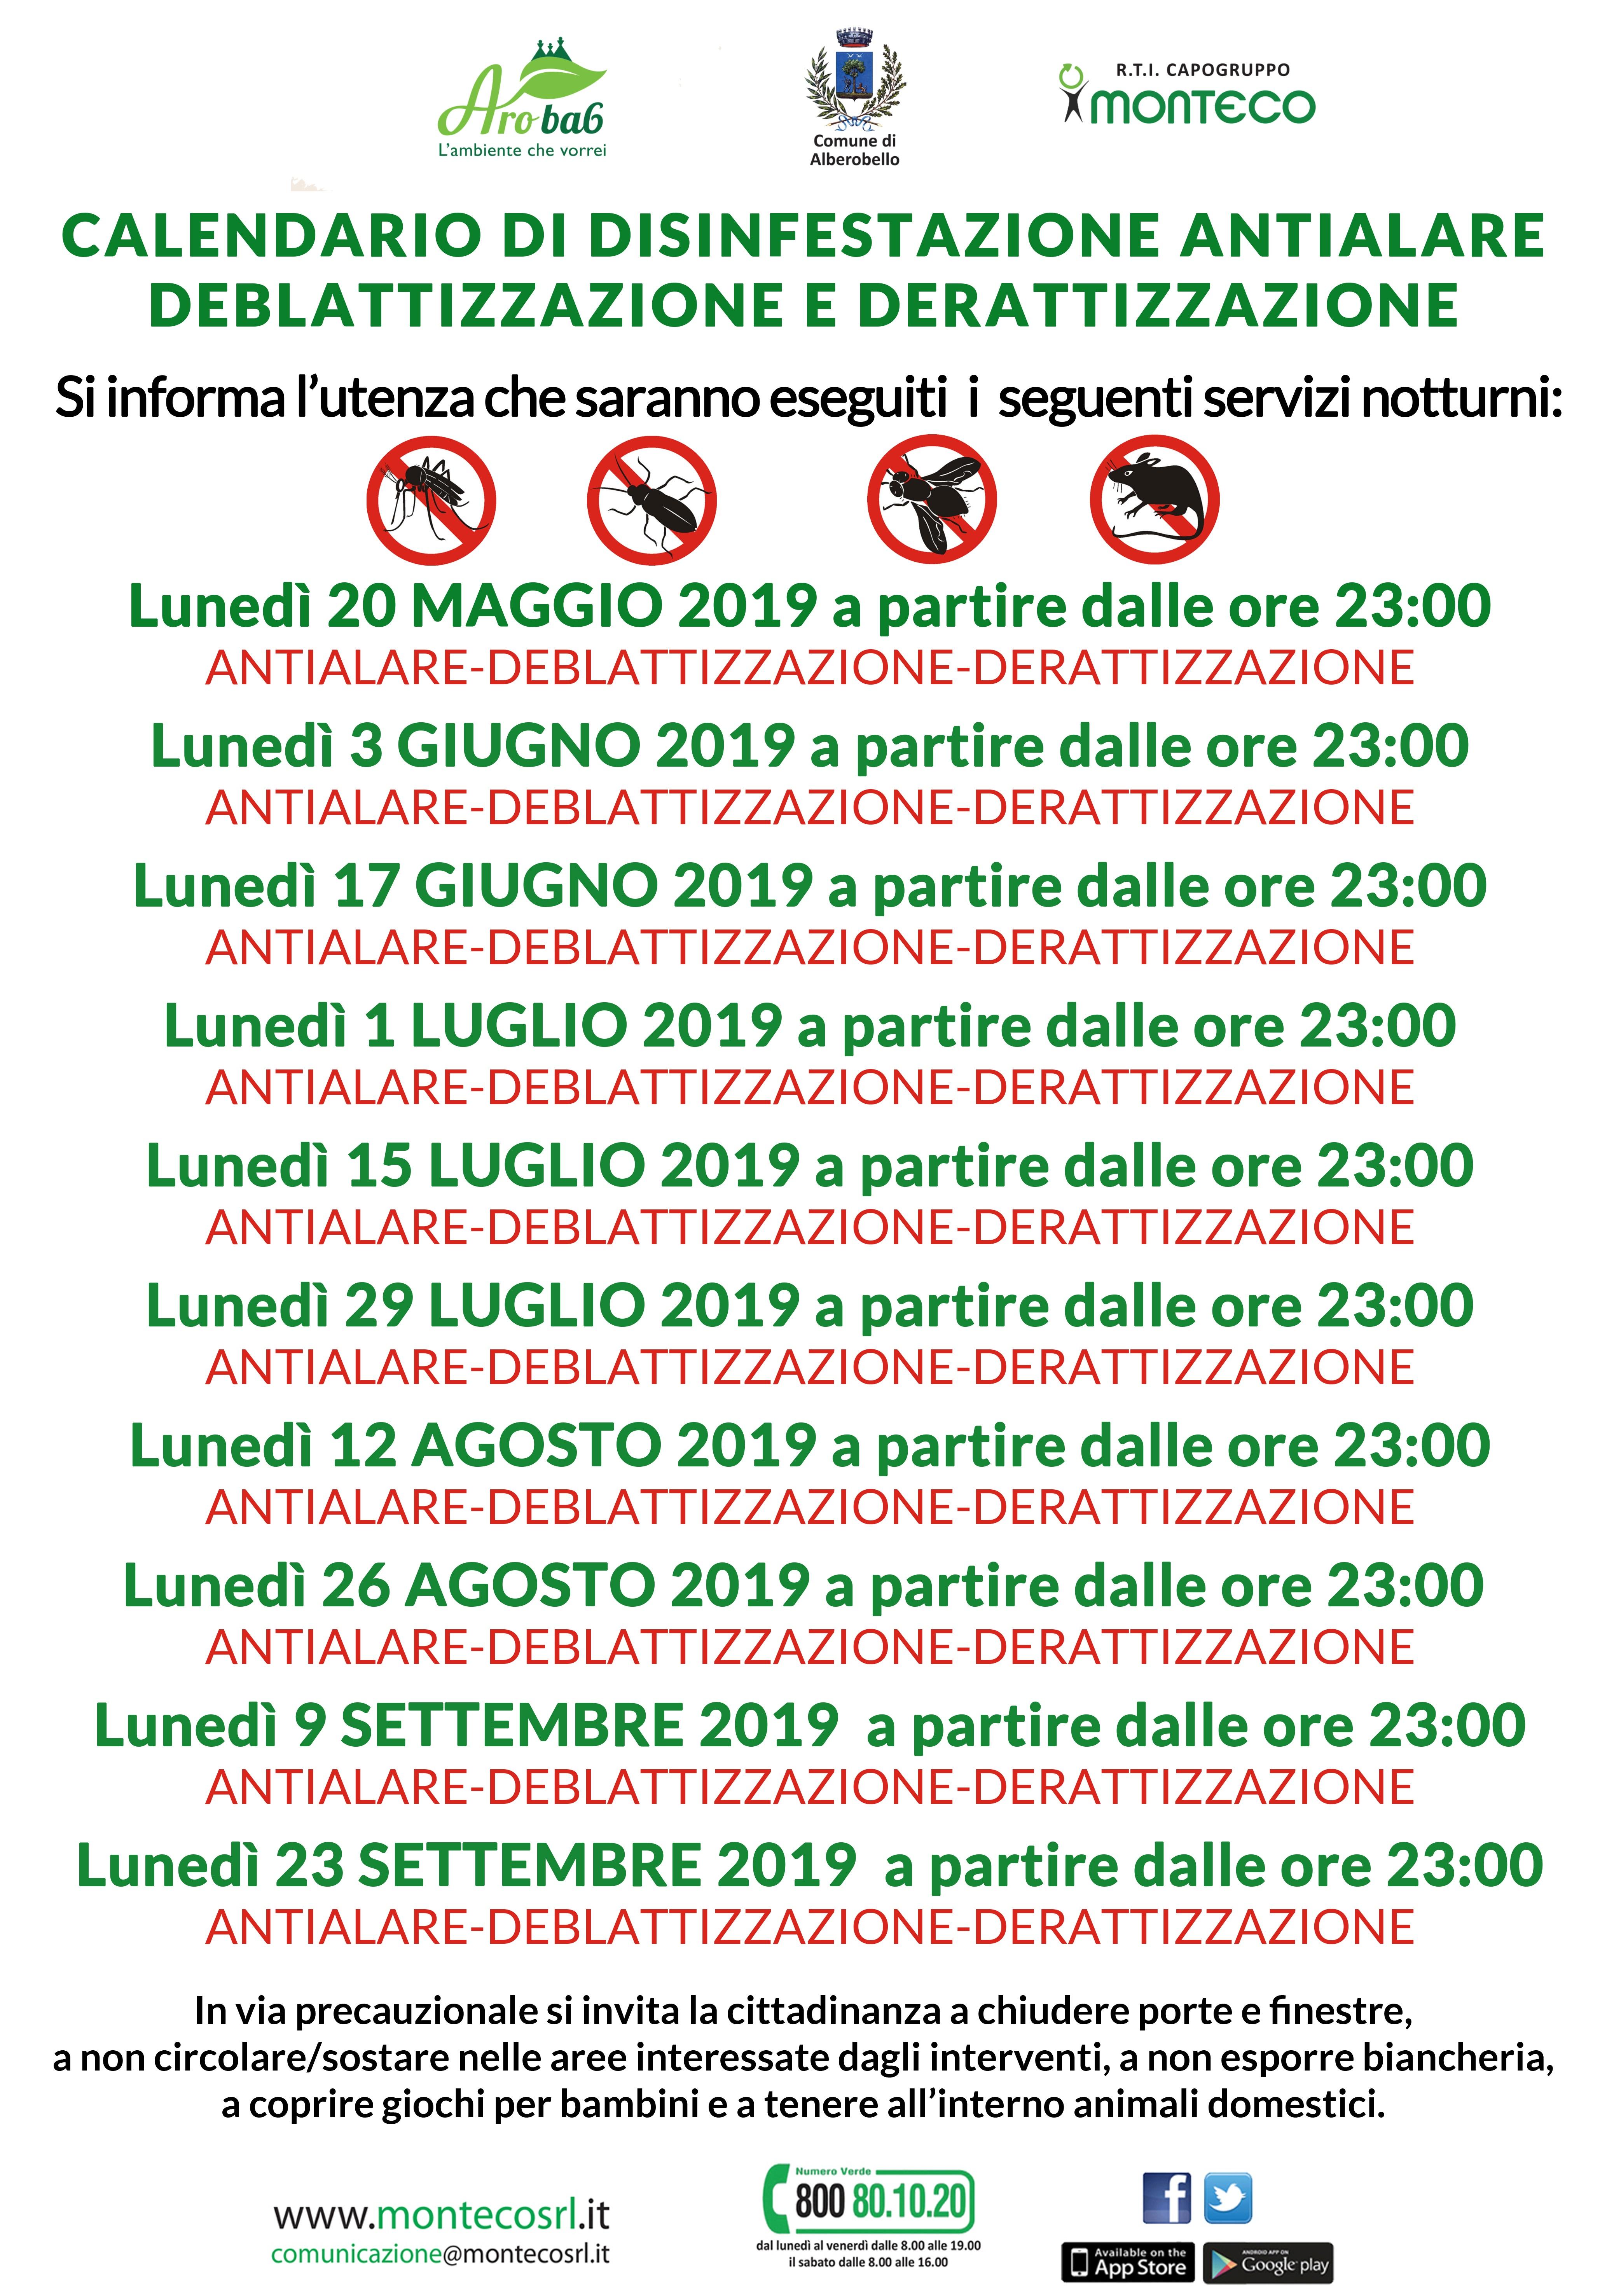 Alberobello - Calendario di disinfestazione antialare, deblattizzazione e derattizzazione